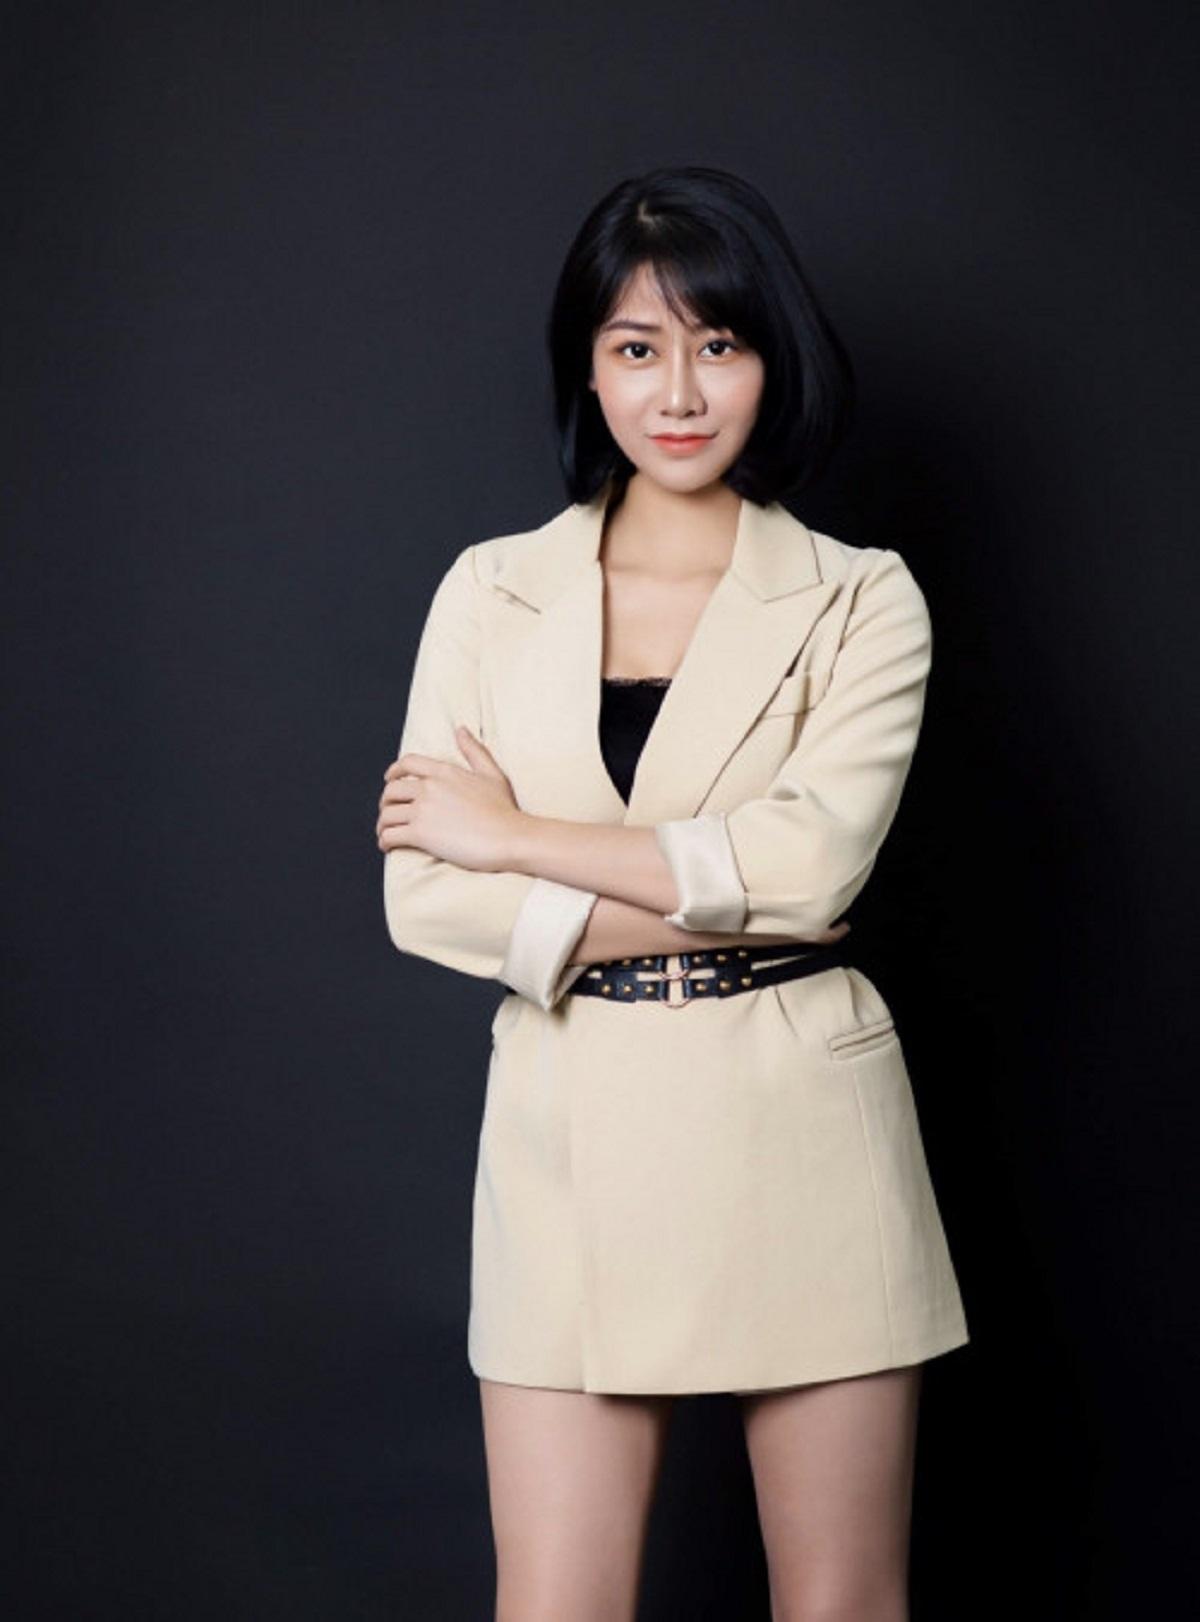 studio chụp hình nữ doanh nhân